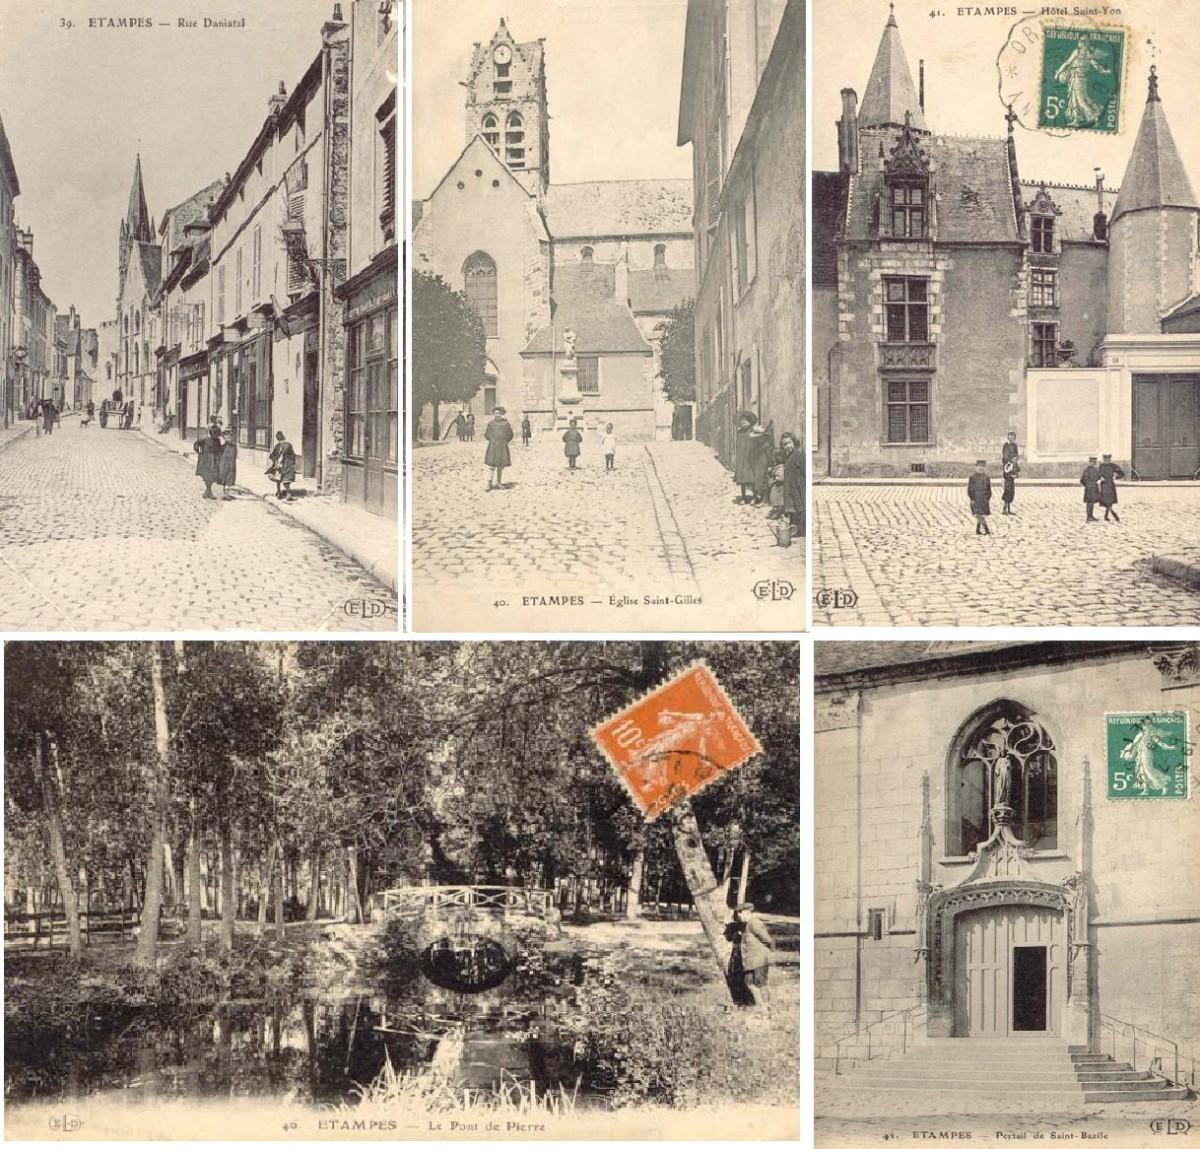 Париж на открытках начала 20 века